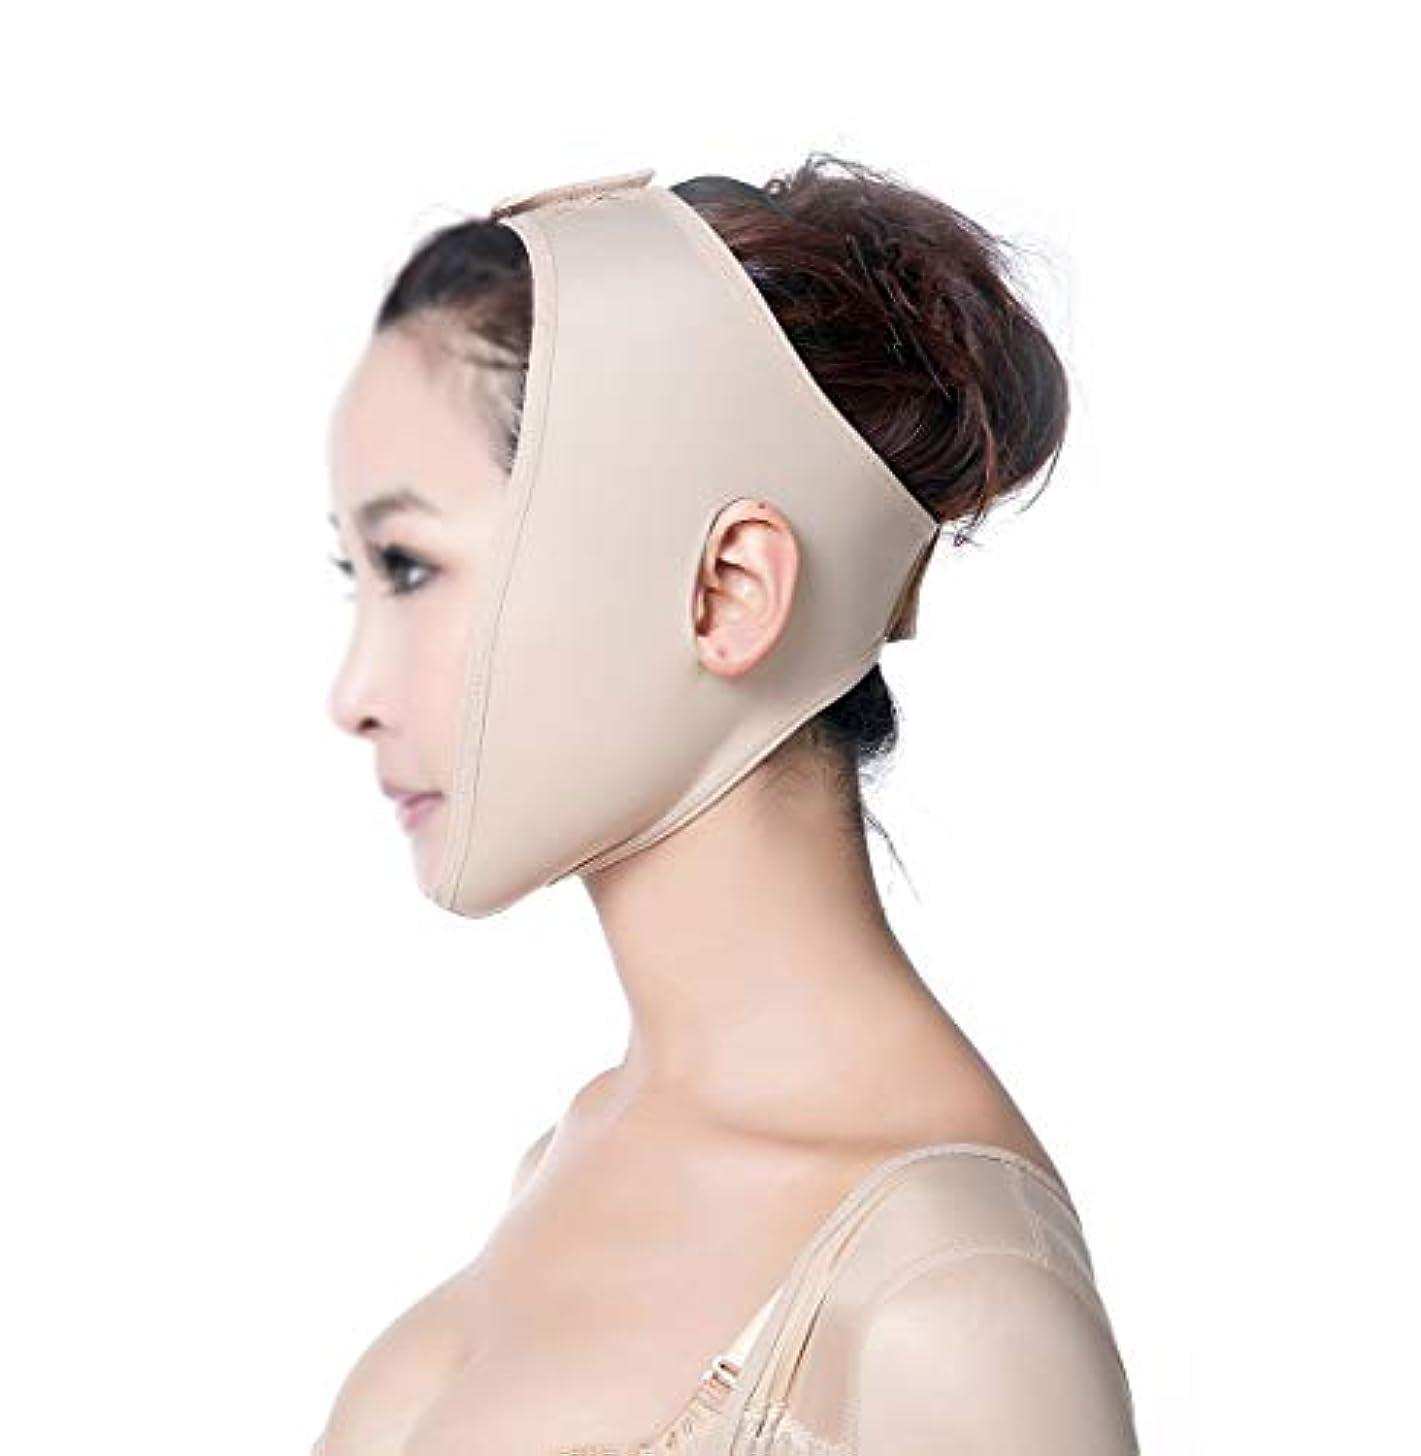 居眠りするウェイトレスみなすフェイスリフトマスクフェイス&ネックリフトポストエラスティックスリーブ下顎セットフェイスアーティファクトVフェイスフェイシャルフェイスバンドルダブルチンマスク (Size : XS)